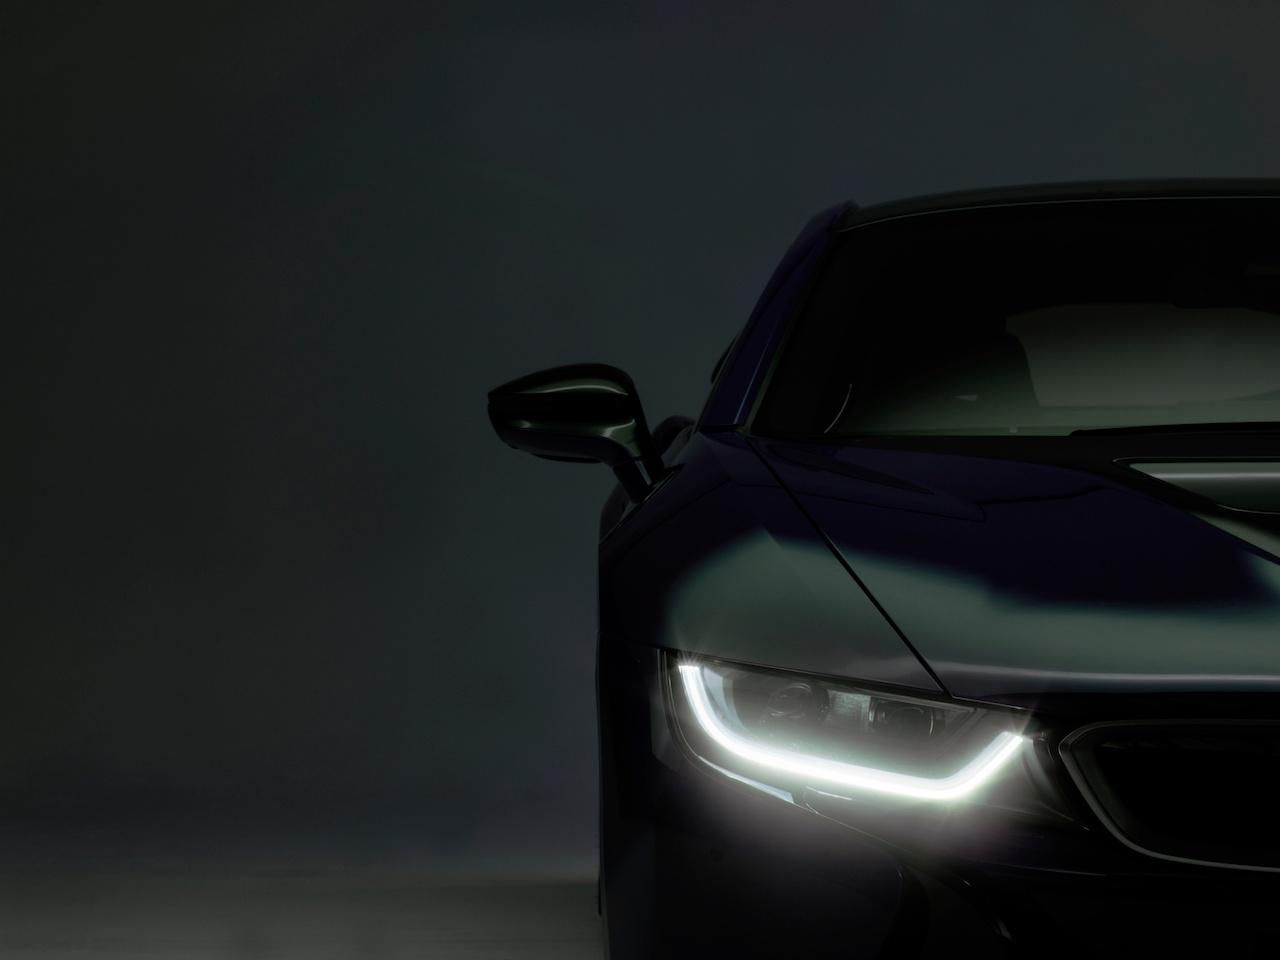 virta_cars-10166b